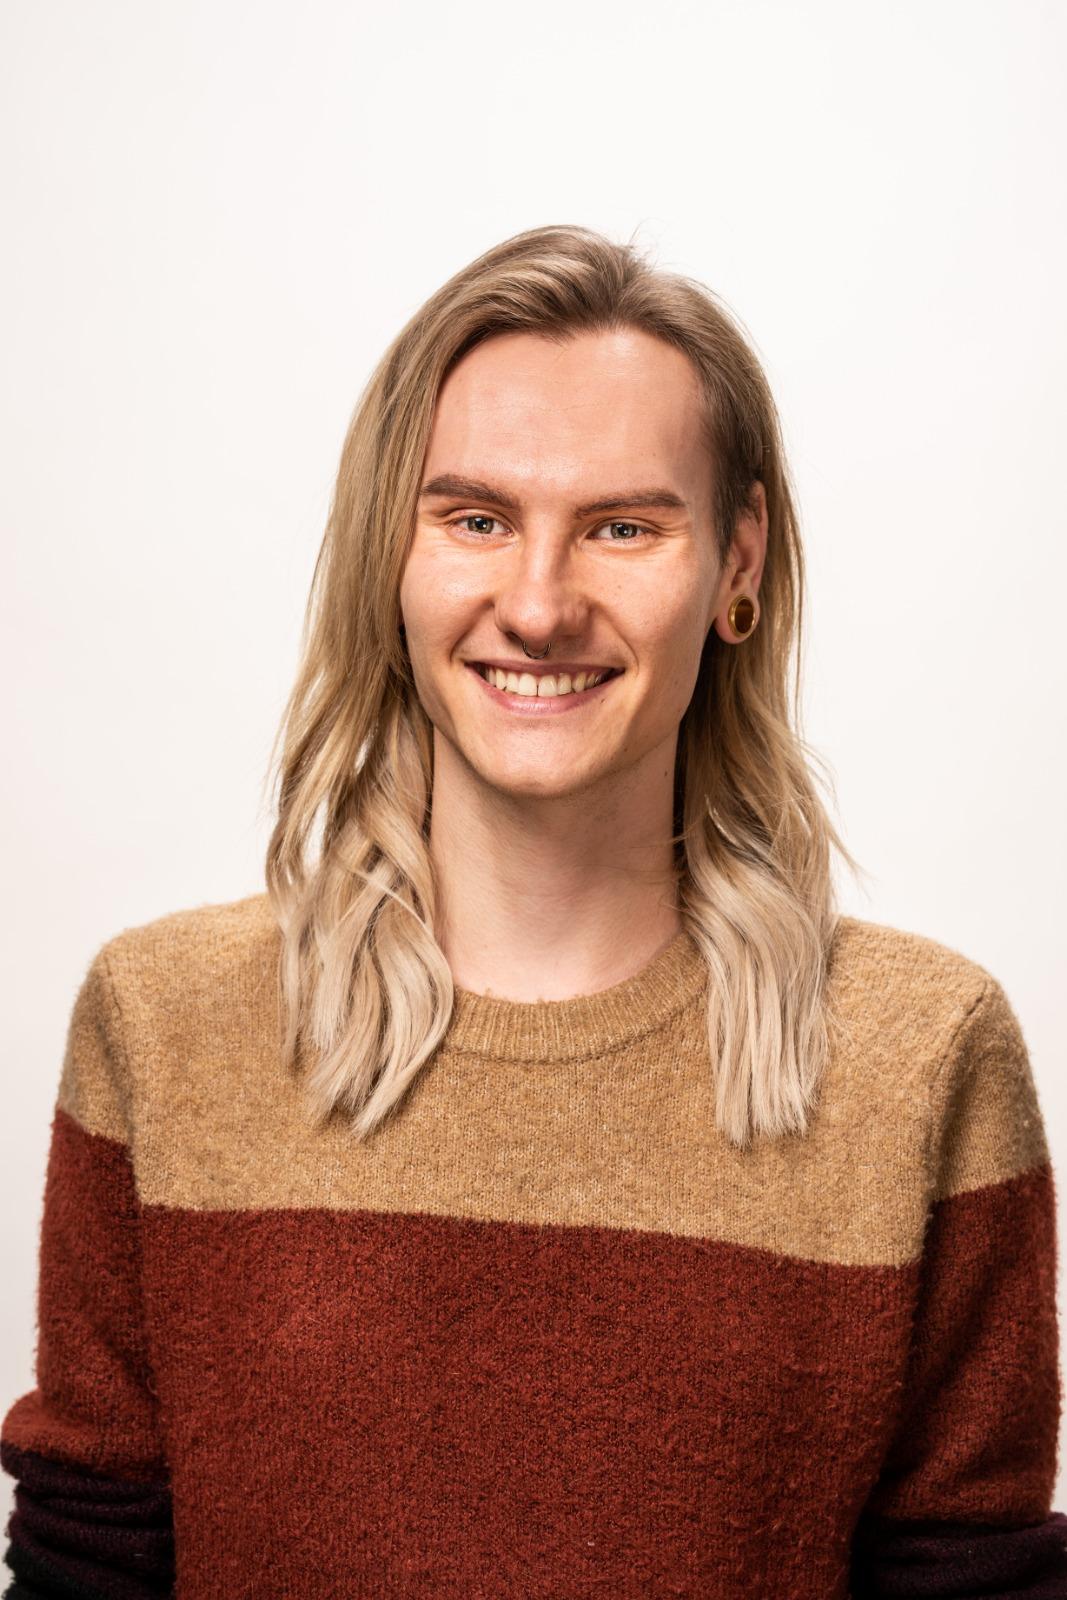 Friseurin Christin Berlin